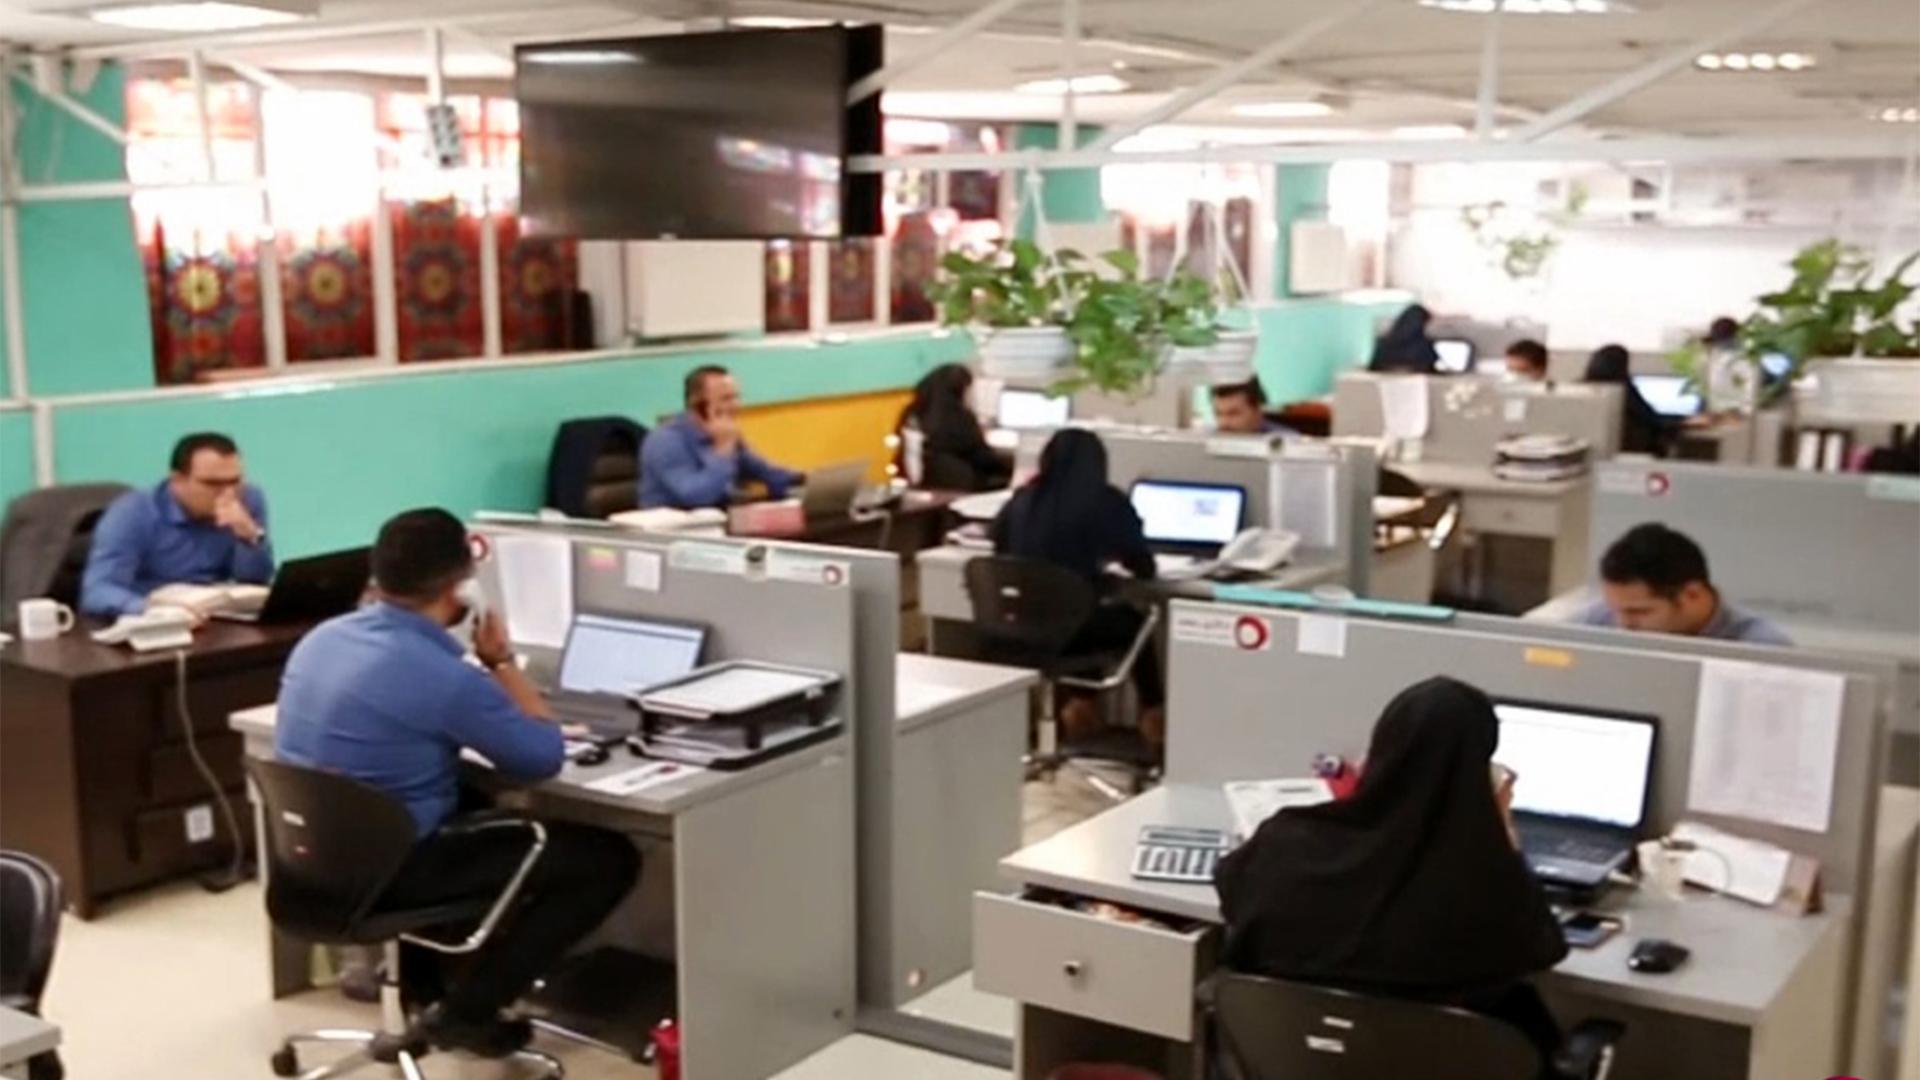 فیلم کامل از دفتر مرکزی داتیس در تهران